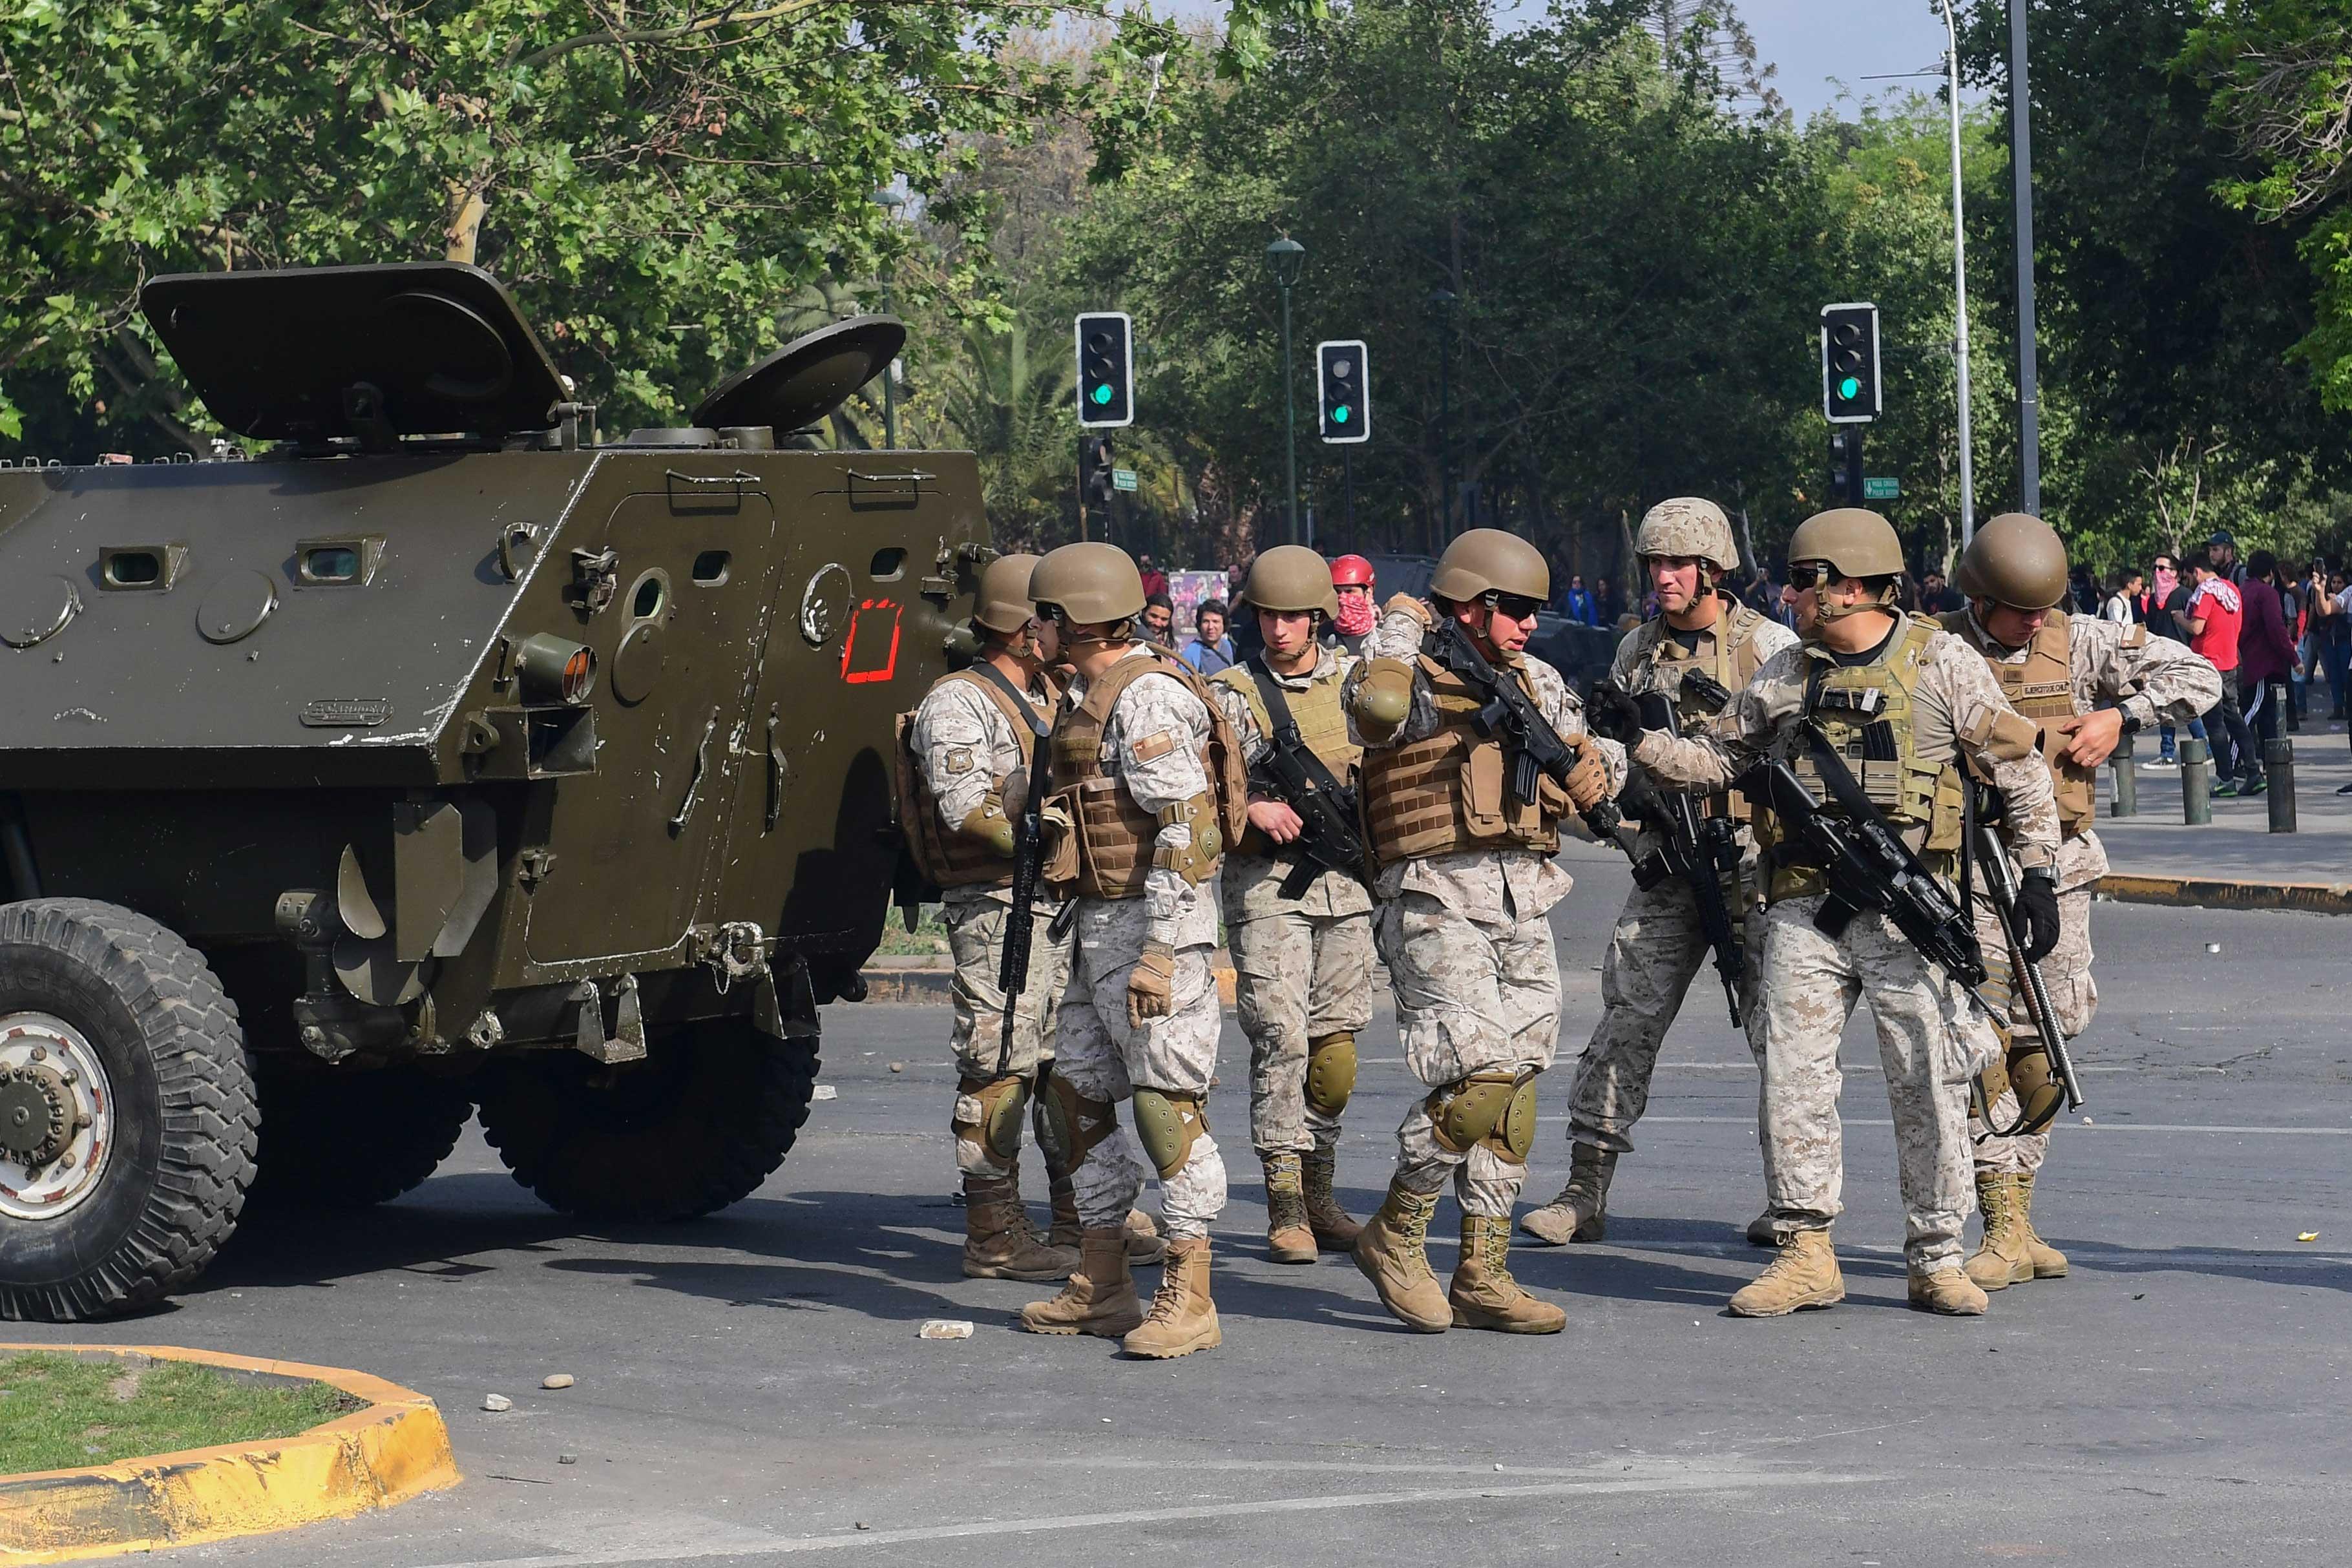 El militar designado al mando de la seguridad de la capital chilena desplegó a 500 militares para controlar los 16 ejes más importantes de la ciudad y patrullar las zonas conflictivas